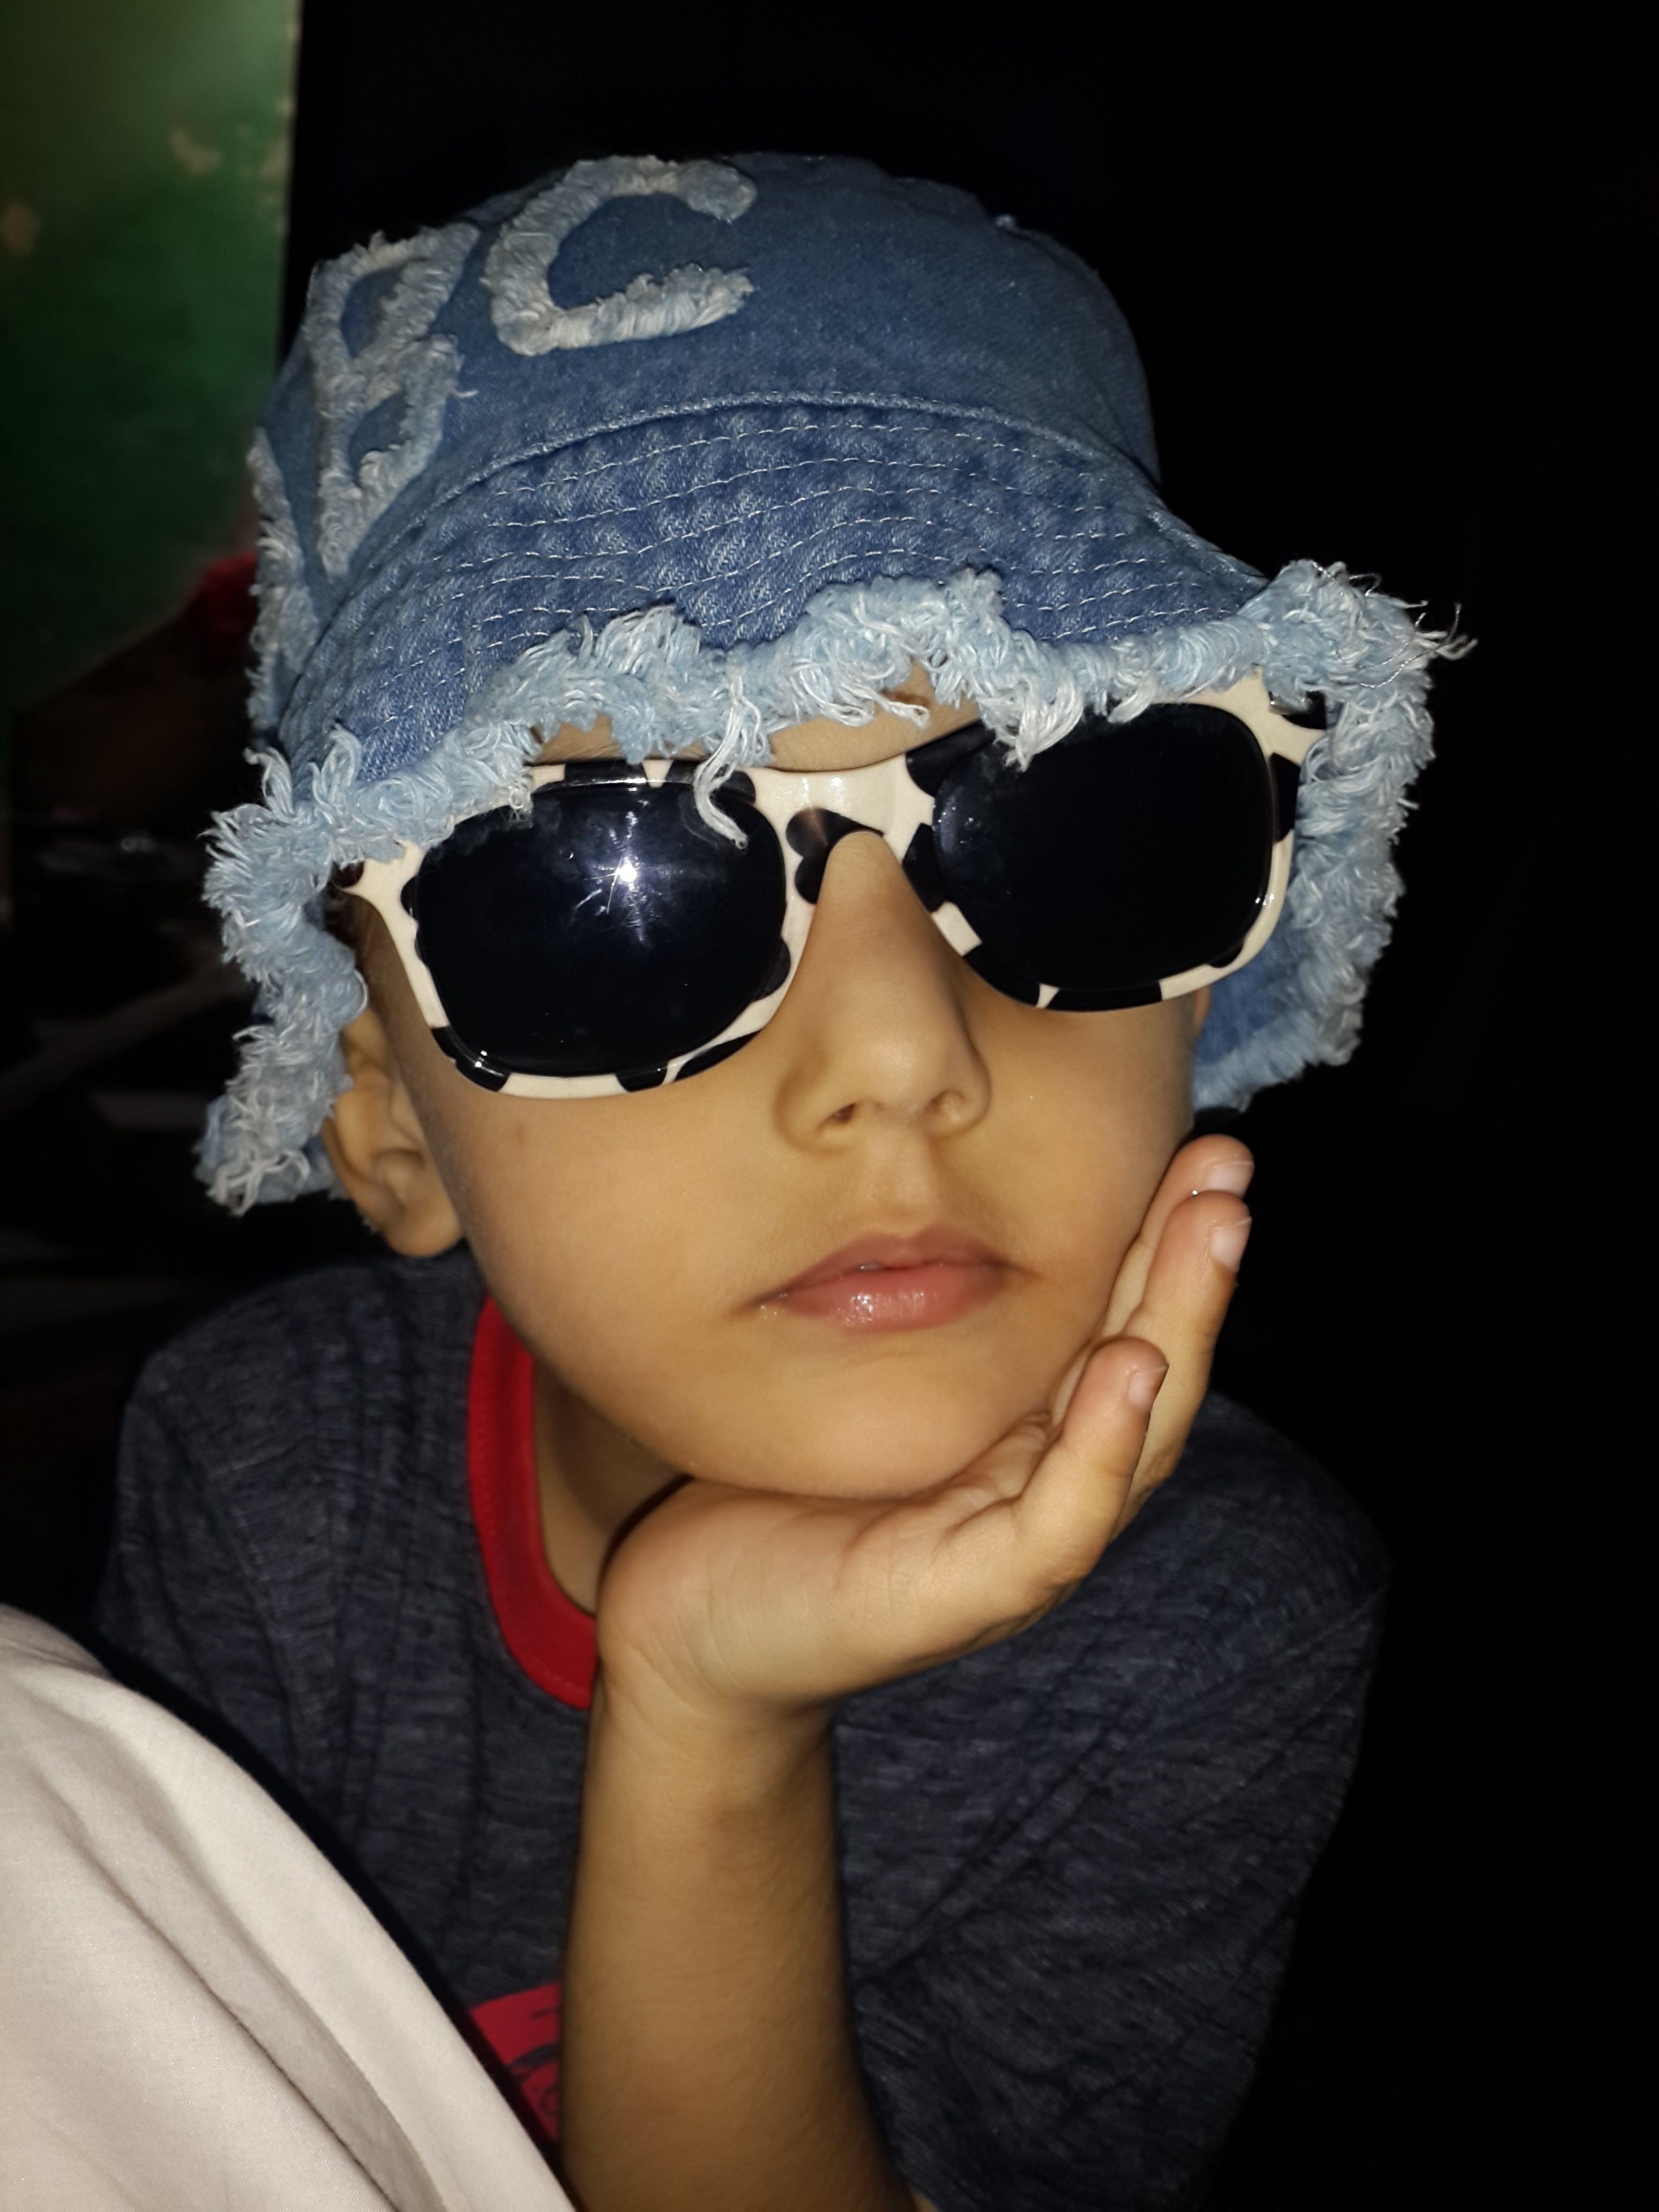 Free stock photo of #Muhammad, beauty, cuteness, khobsorat